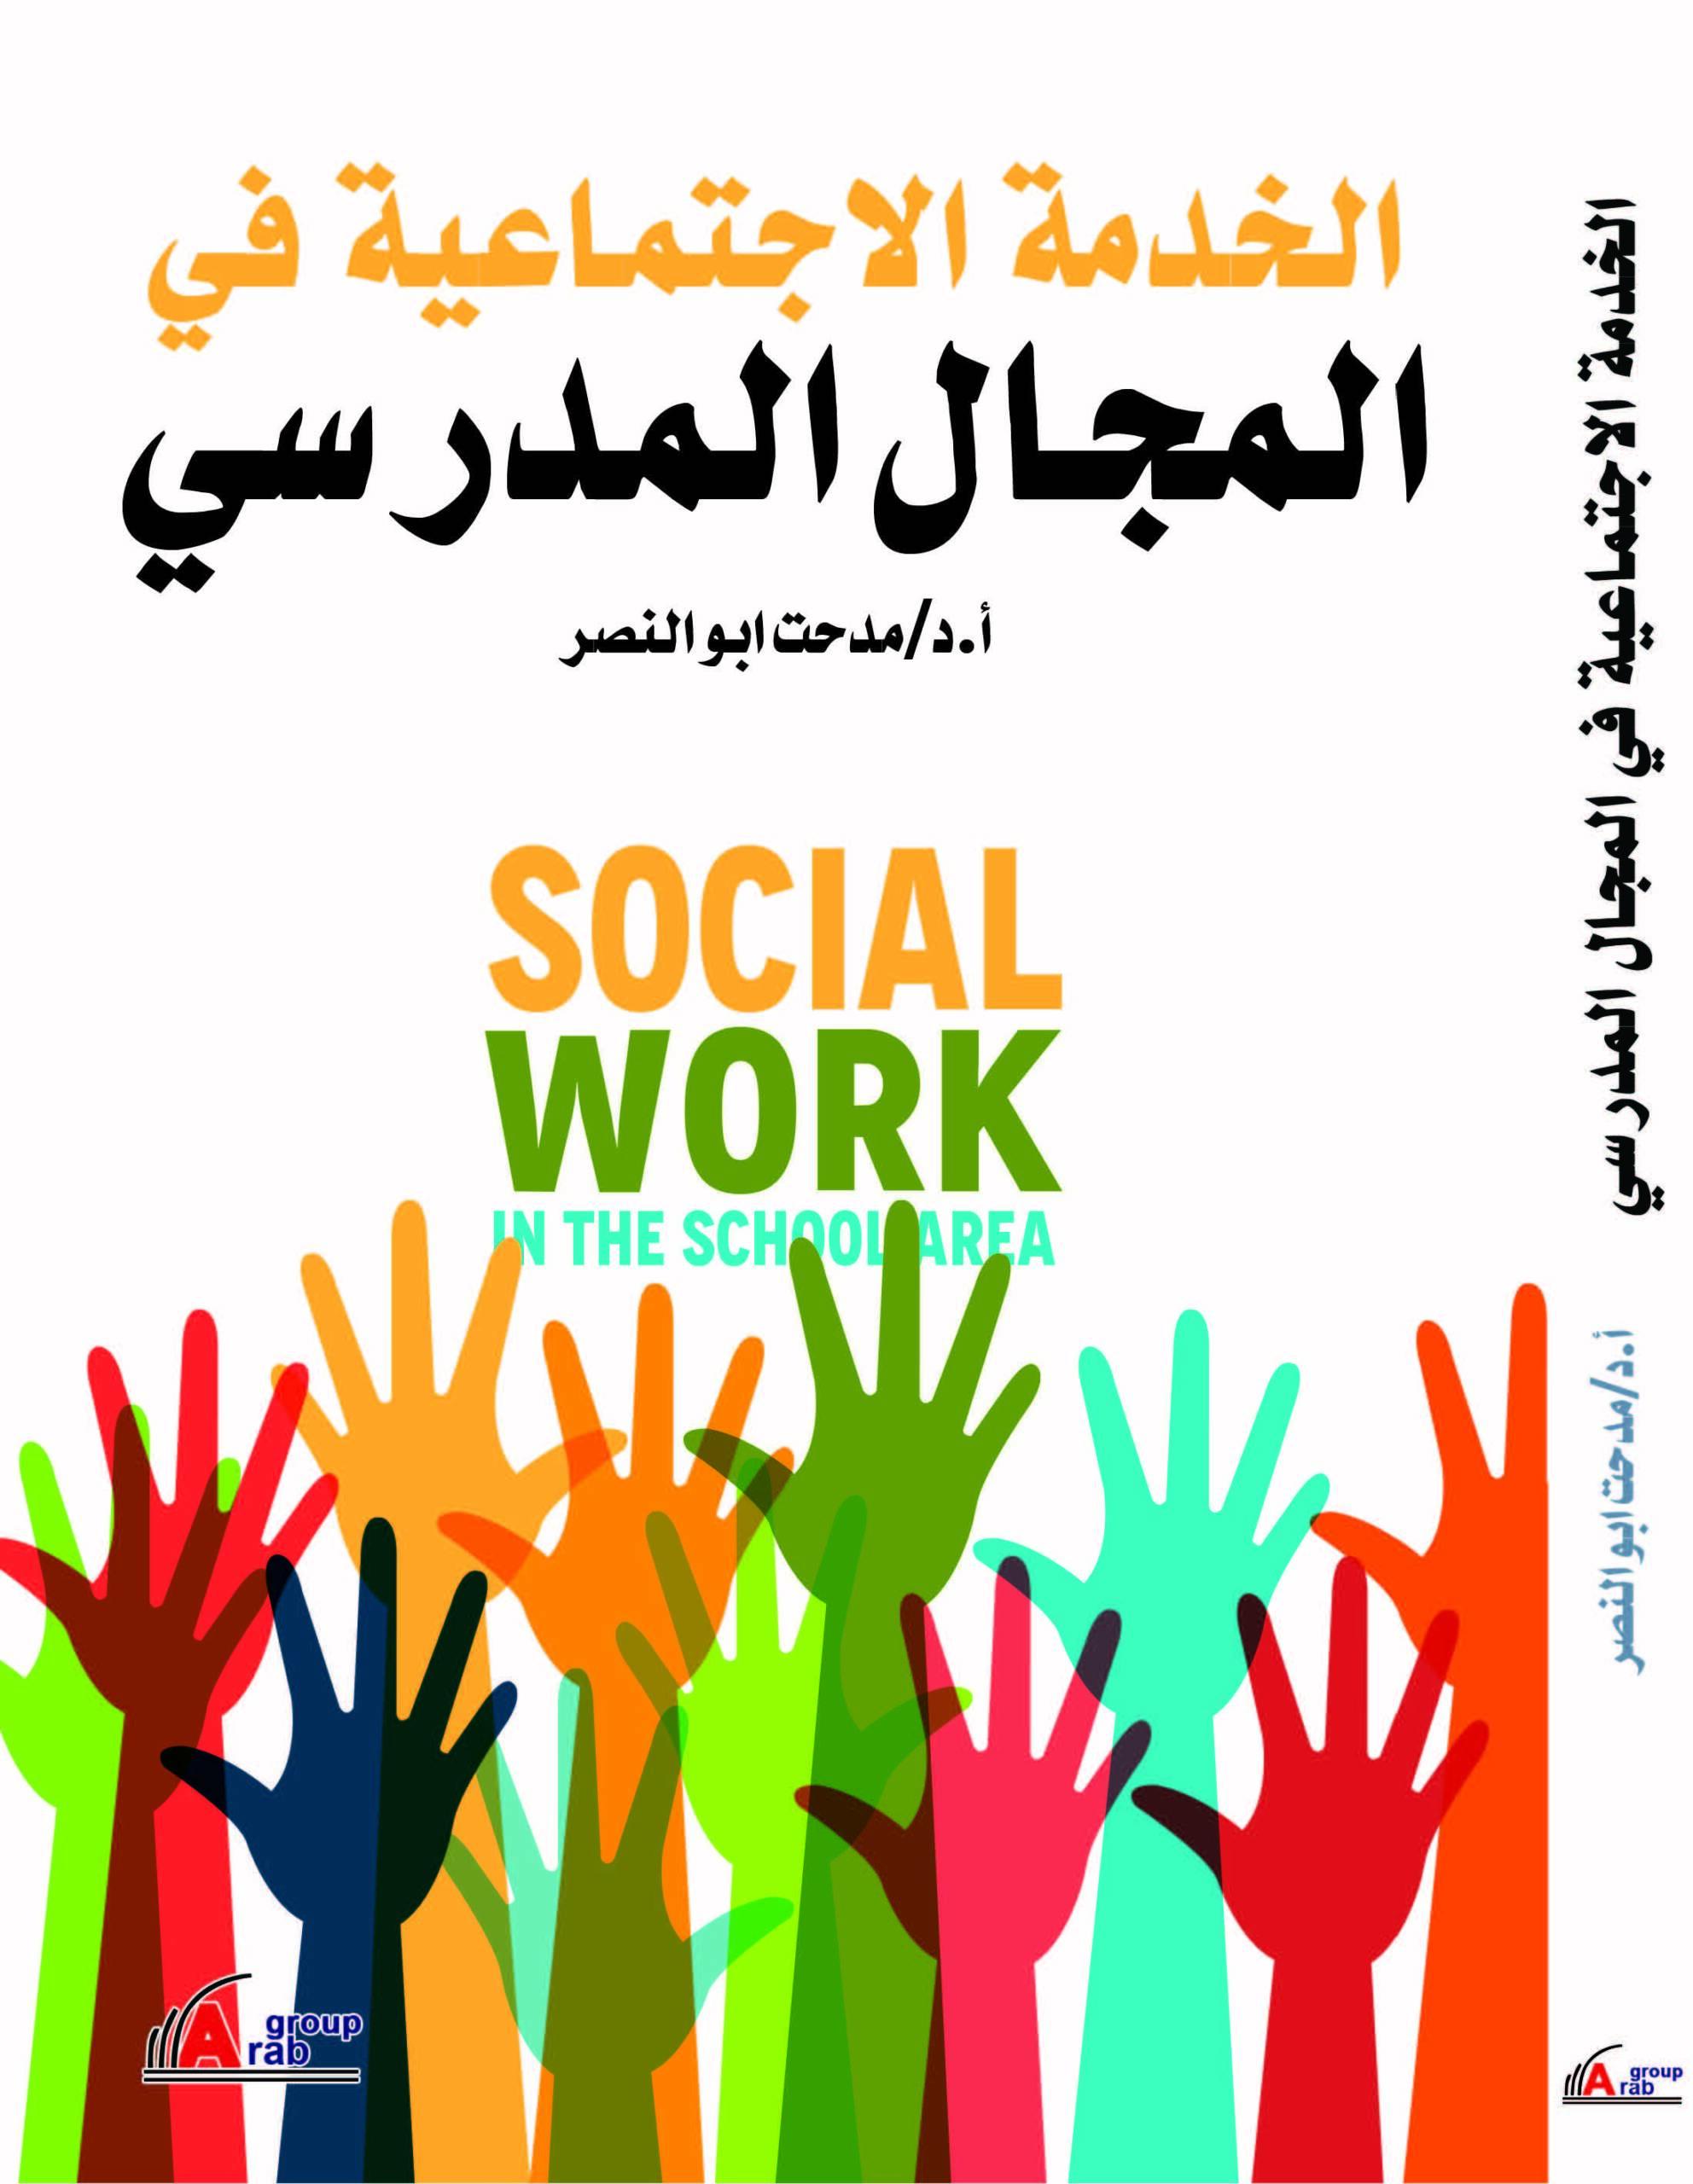 الخدمة الاجتماعية في المجال المدرسي